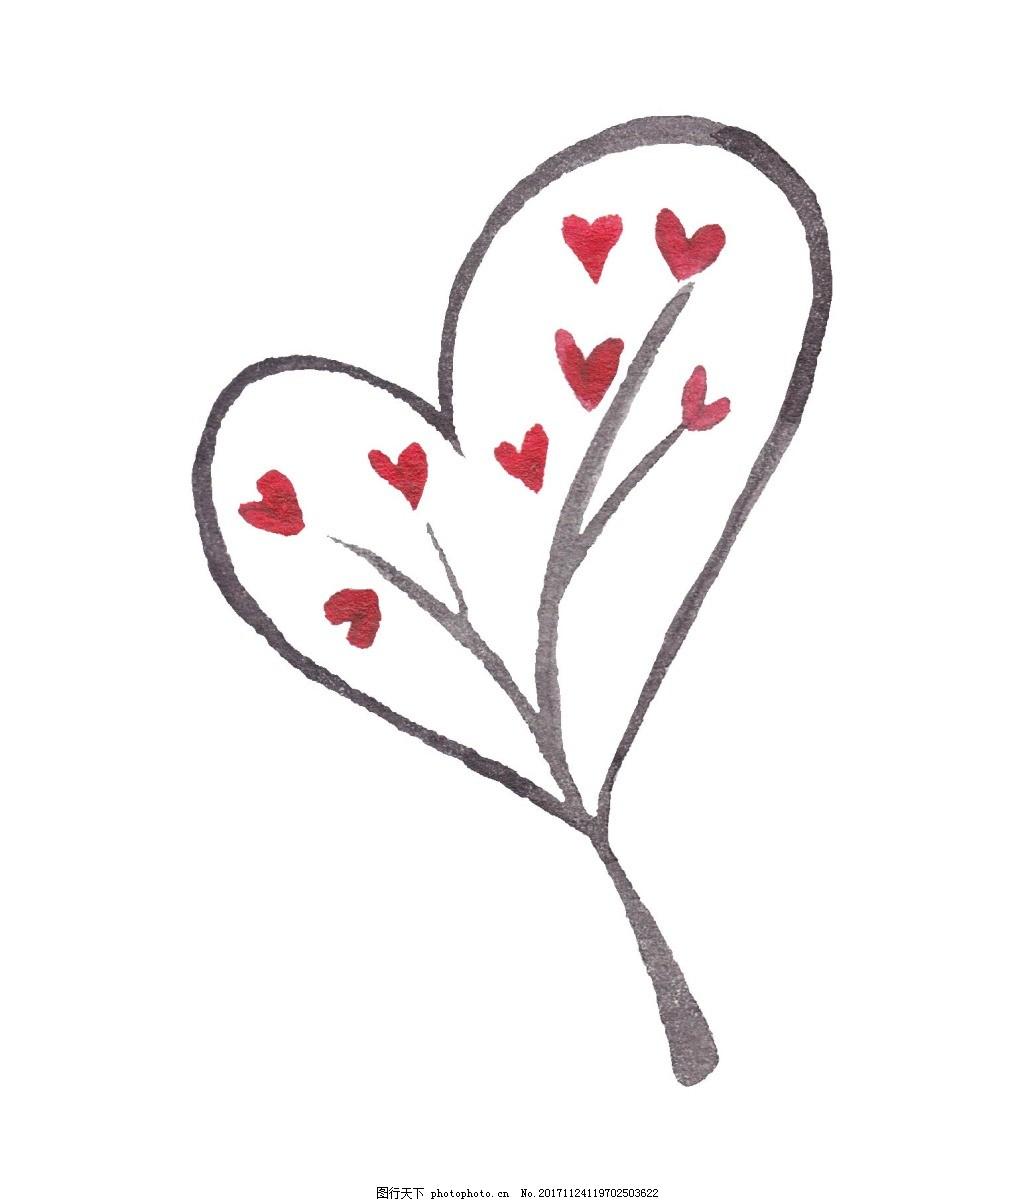 手绘心形树叶元素